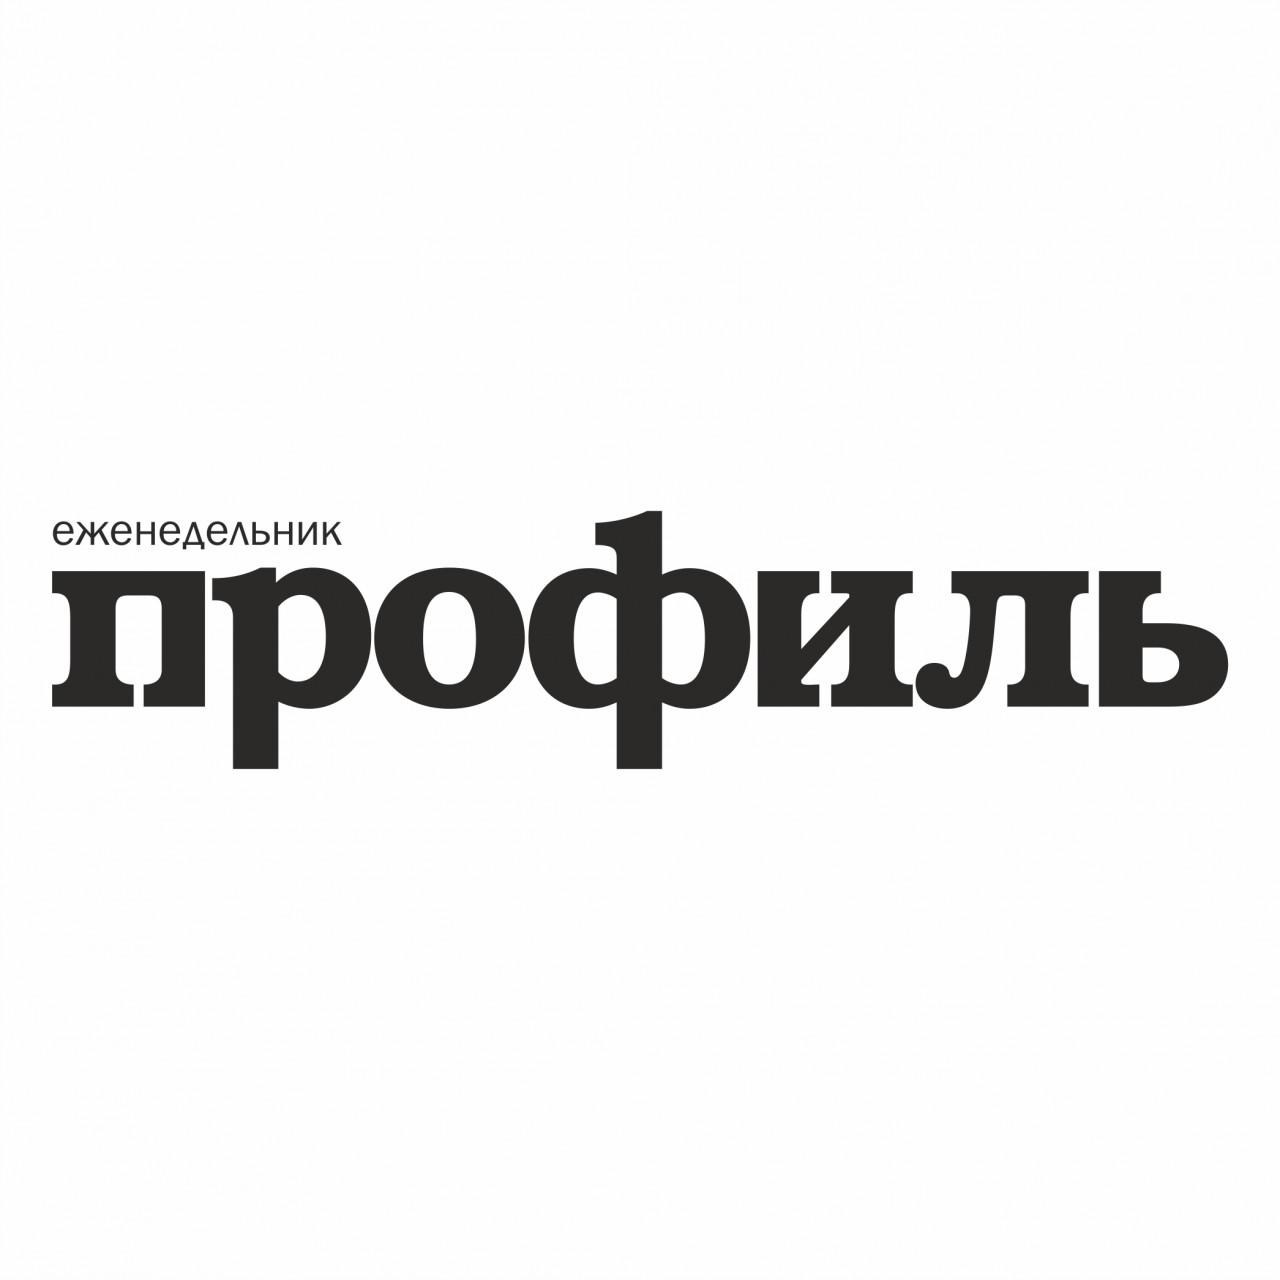 Египет обжалует судейство в матче с российской сборной на ЧМ-2018